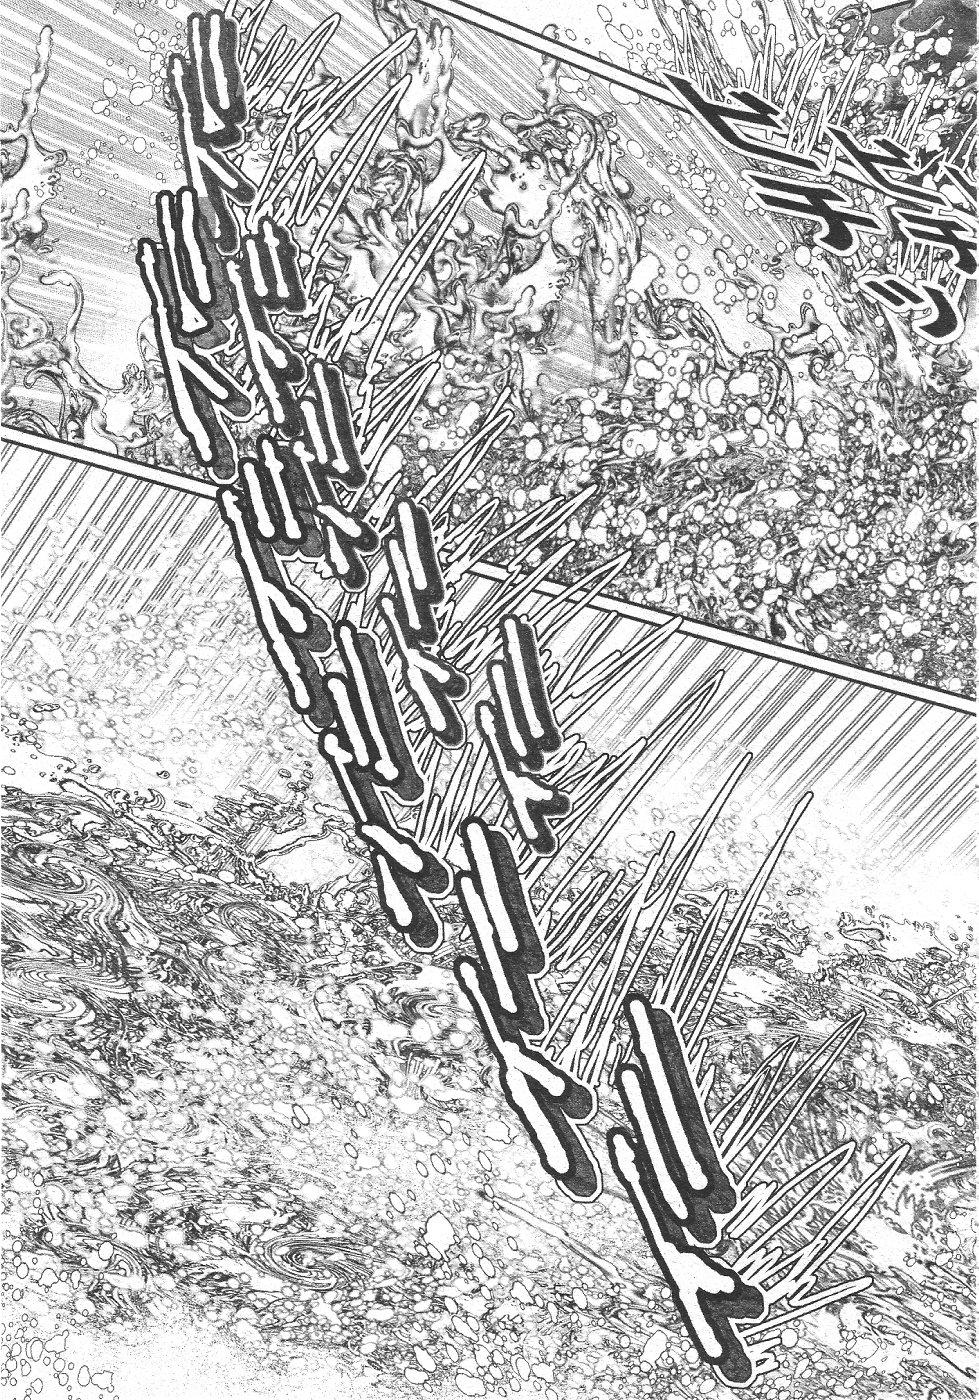 Gekkan Comic Muga 2004-06 Vol.10 394